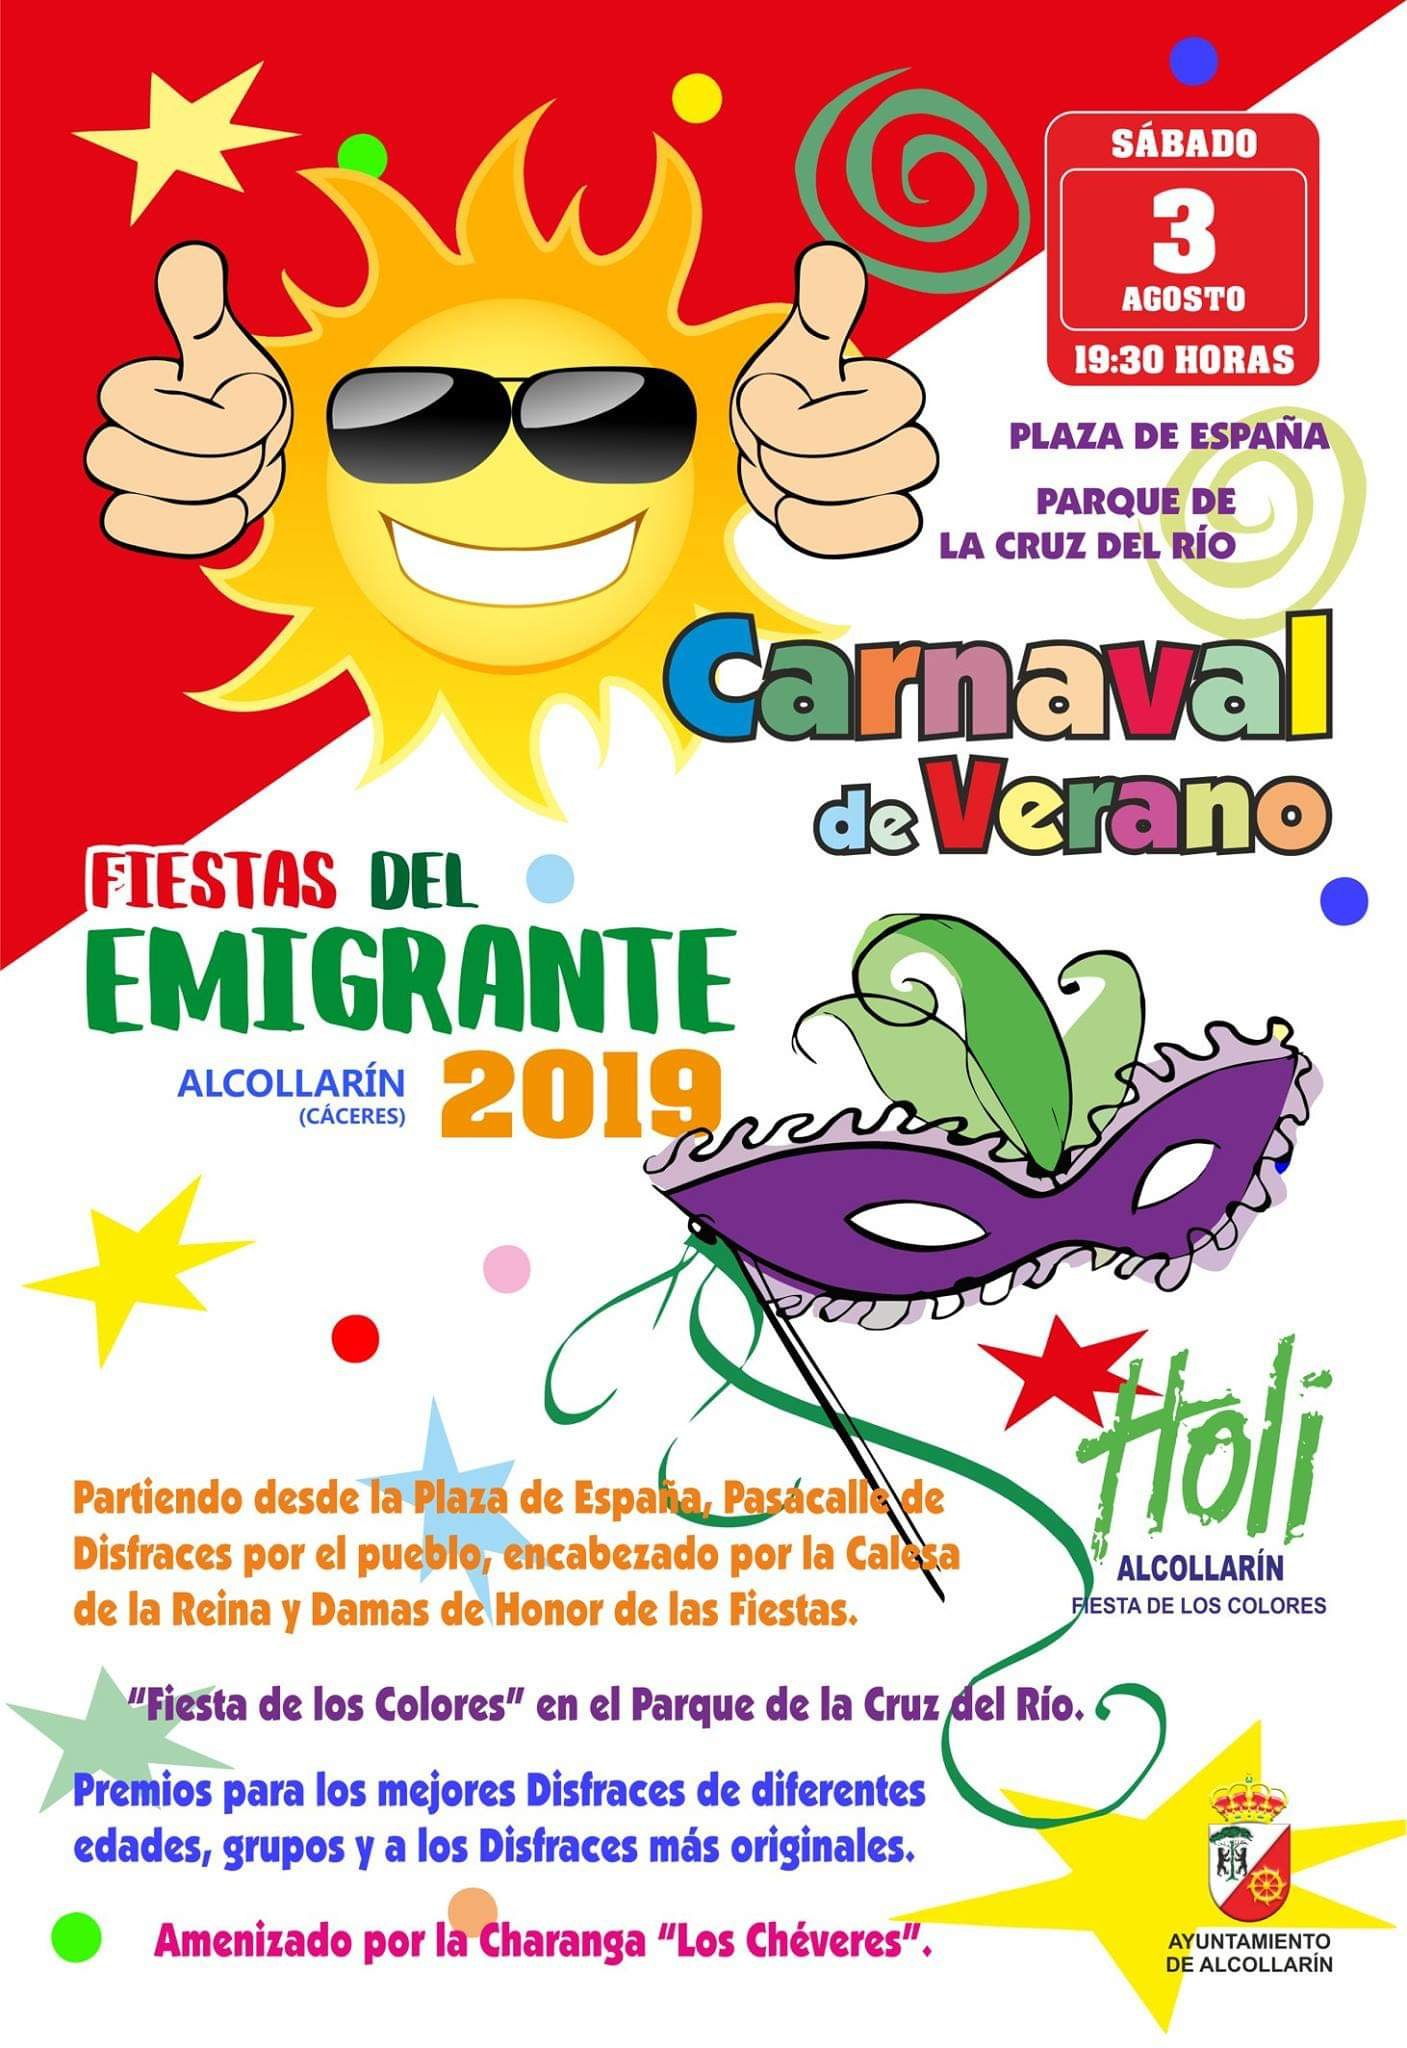 Fiestas del Emigrante 2019 - Alcollarín (Cáceres) 2